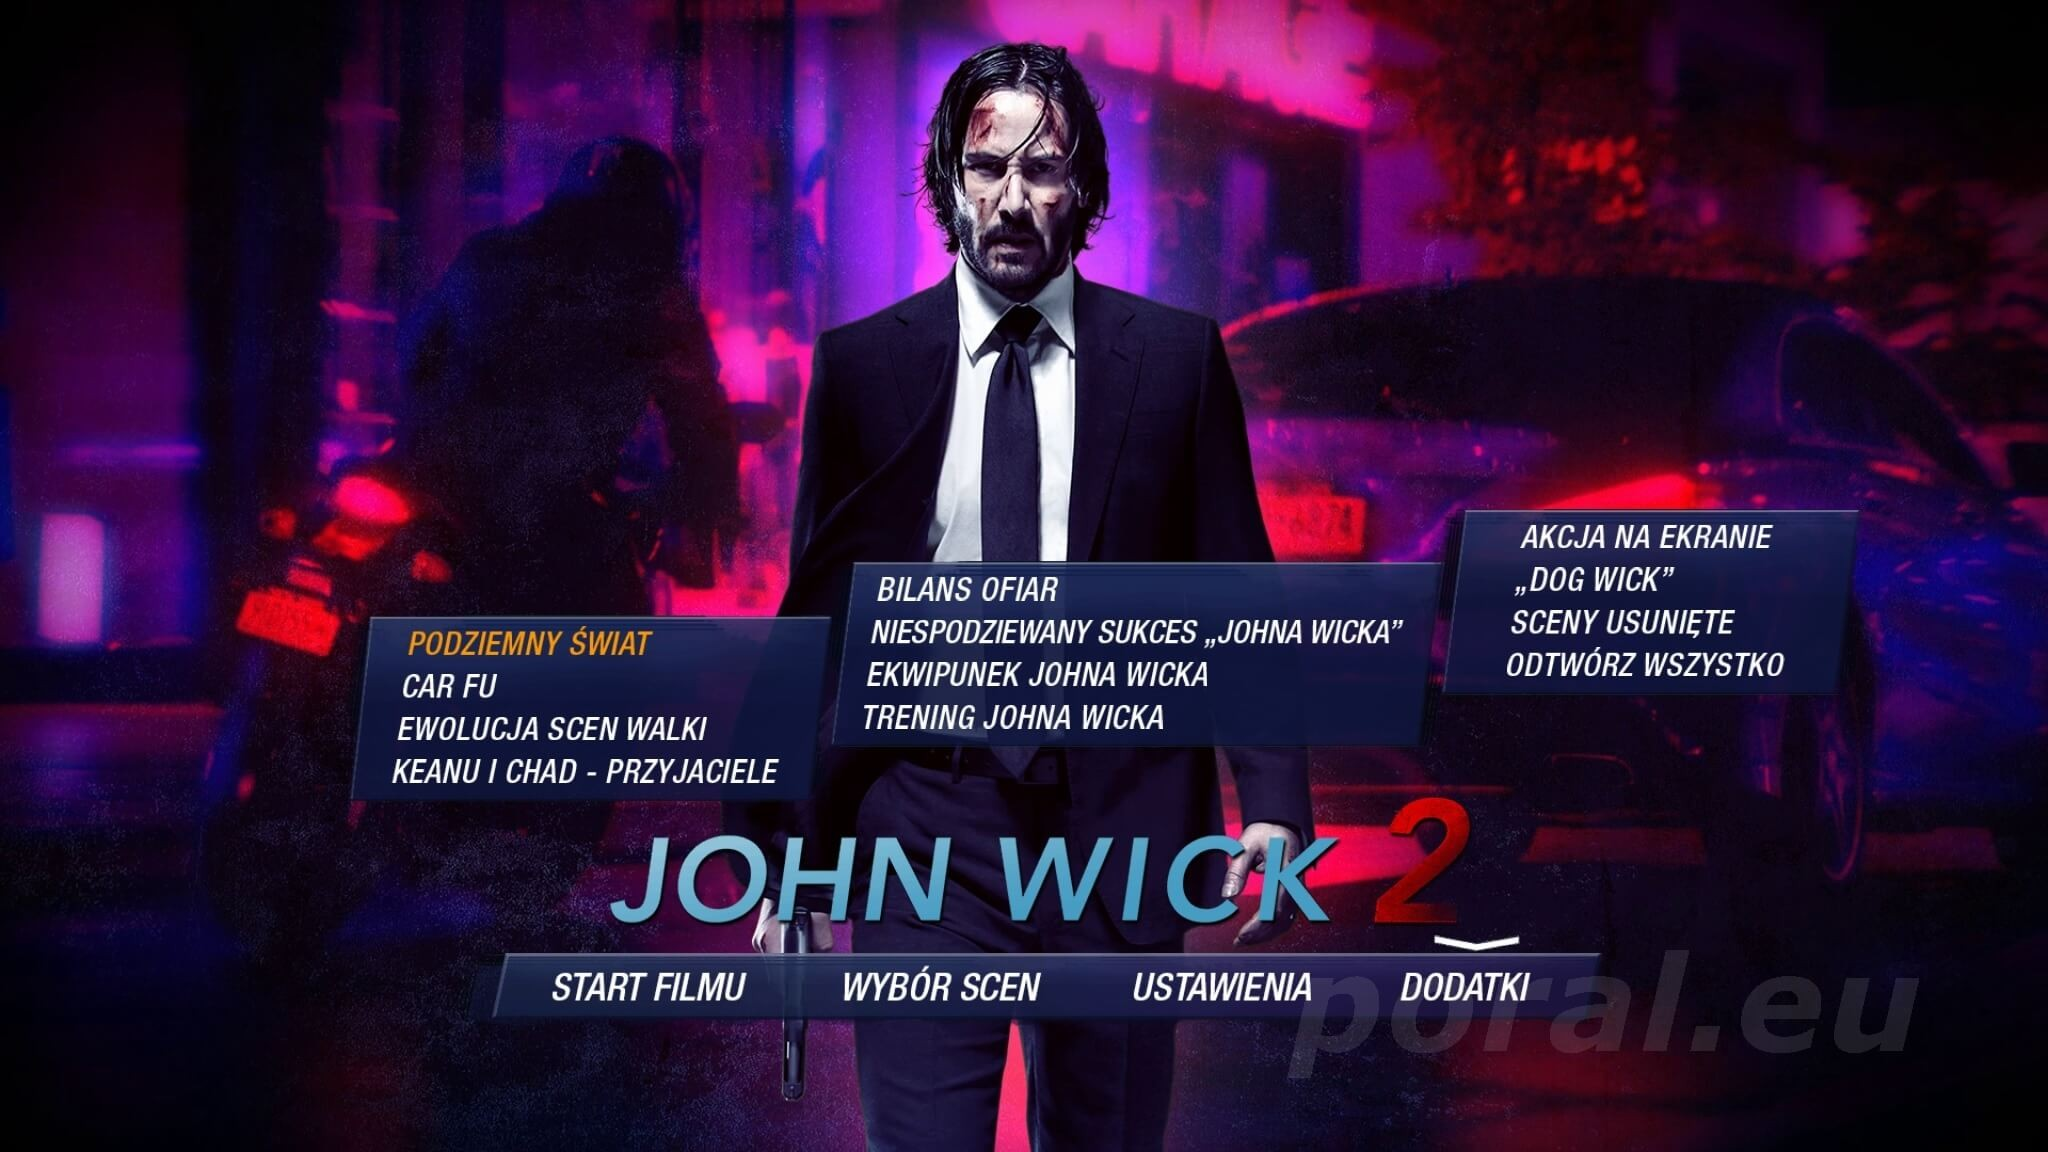 john_wick_2_03(1).jpg